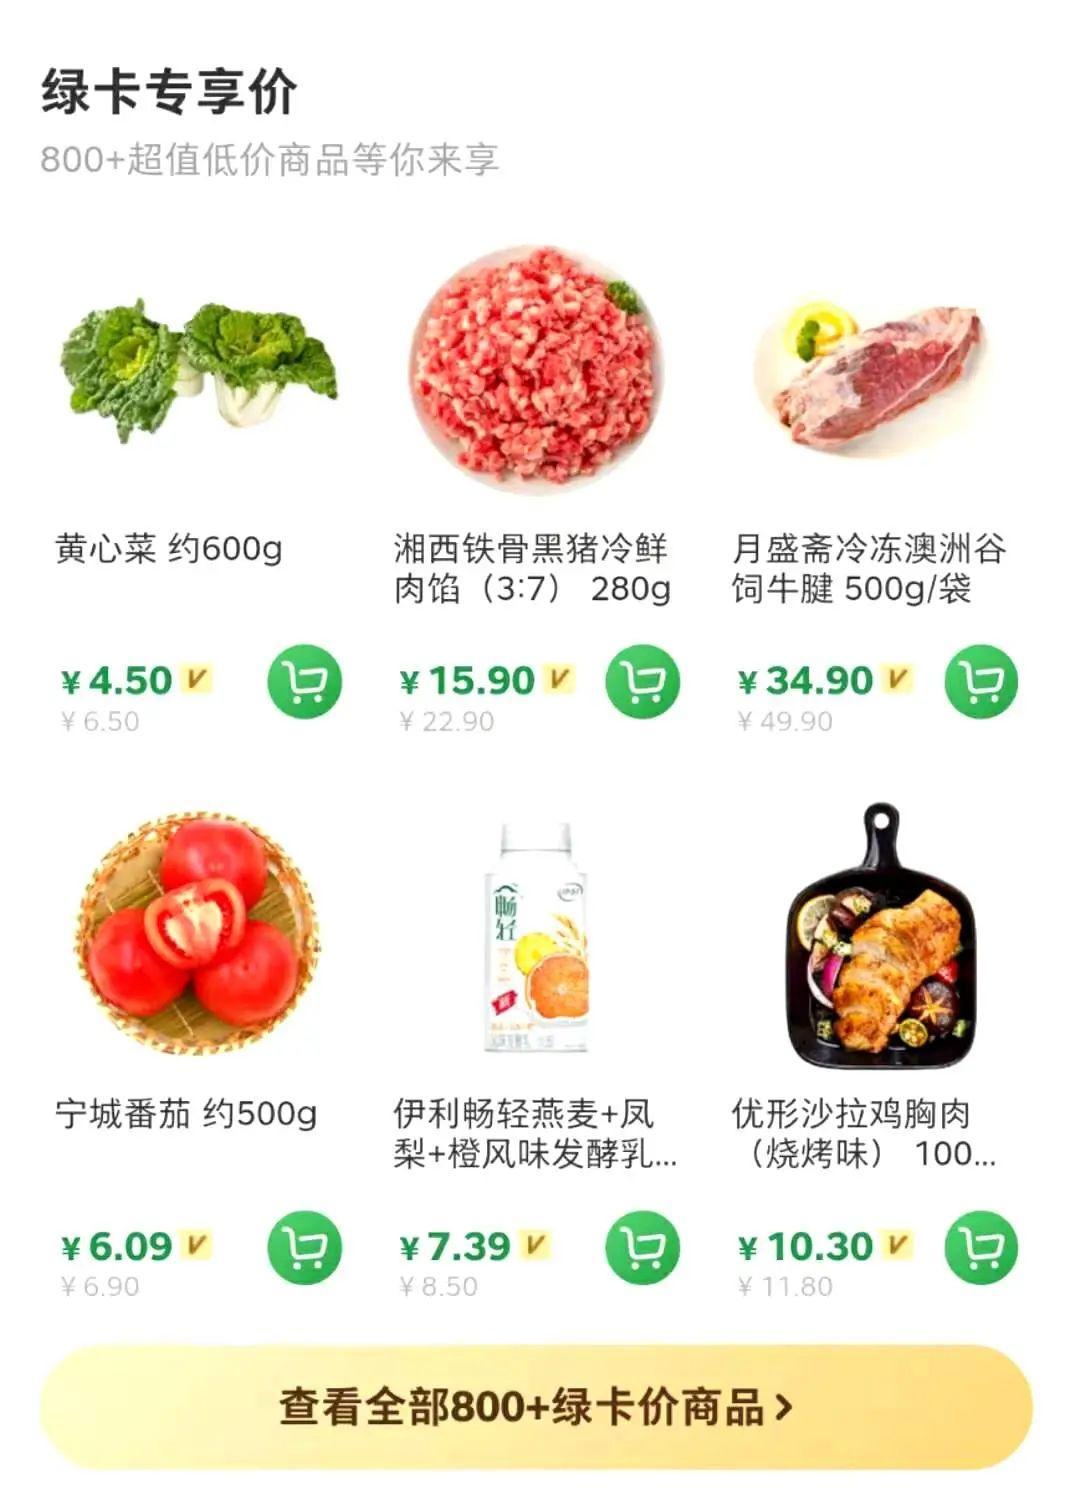 叮咚买菜的心机「产品思维」